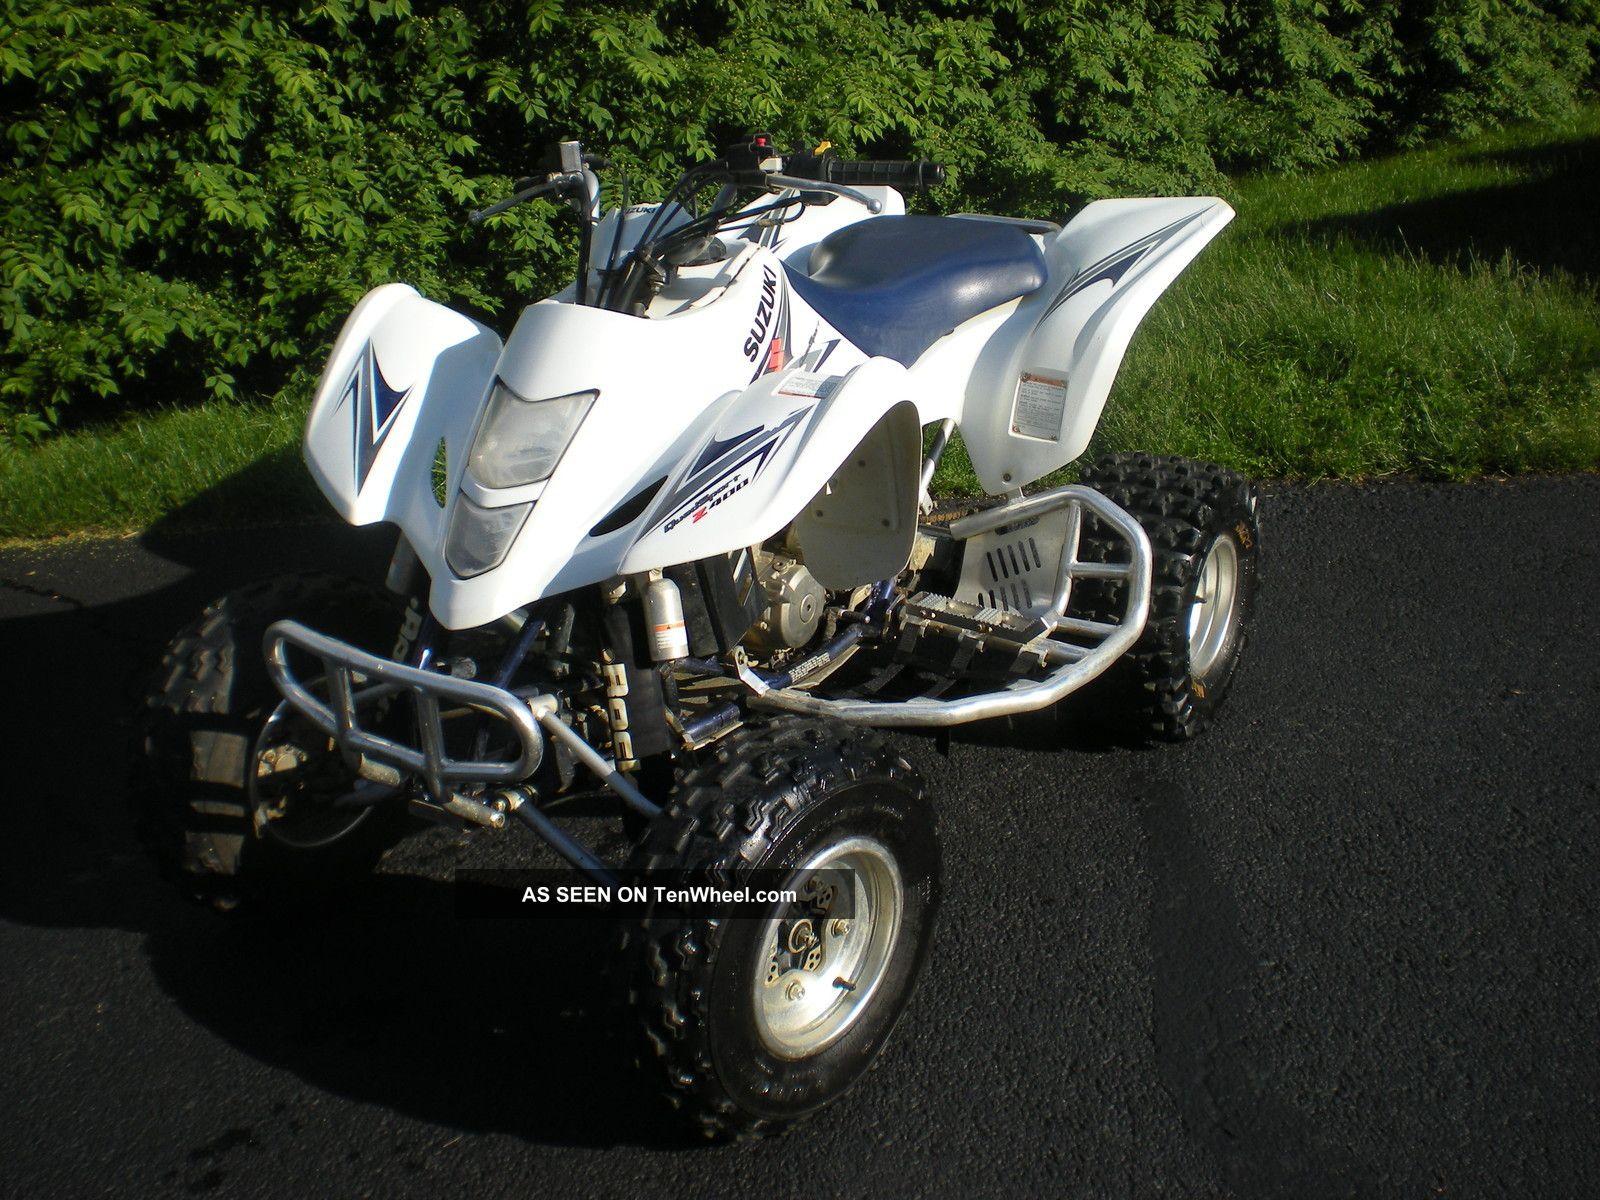 2008 Suzuki Z400 Suzuki photo